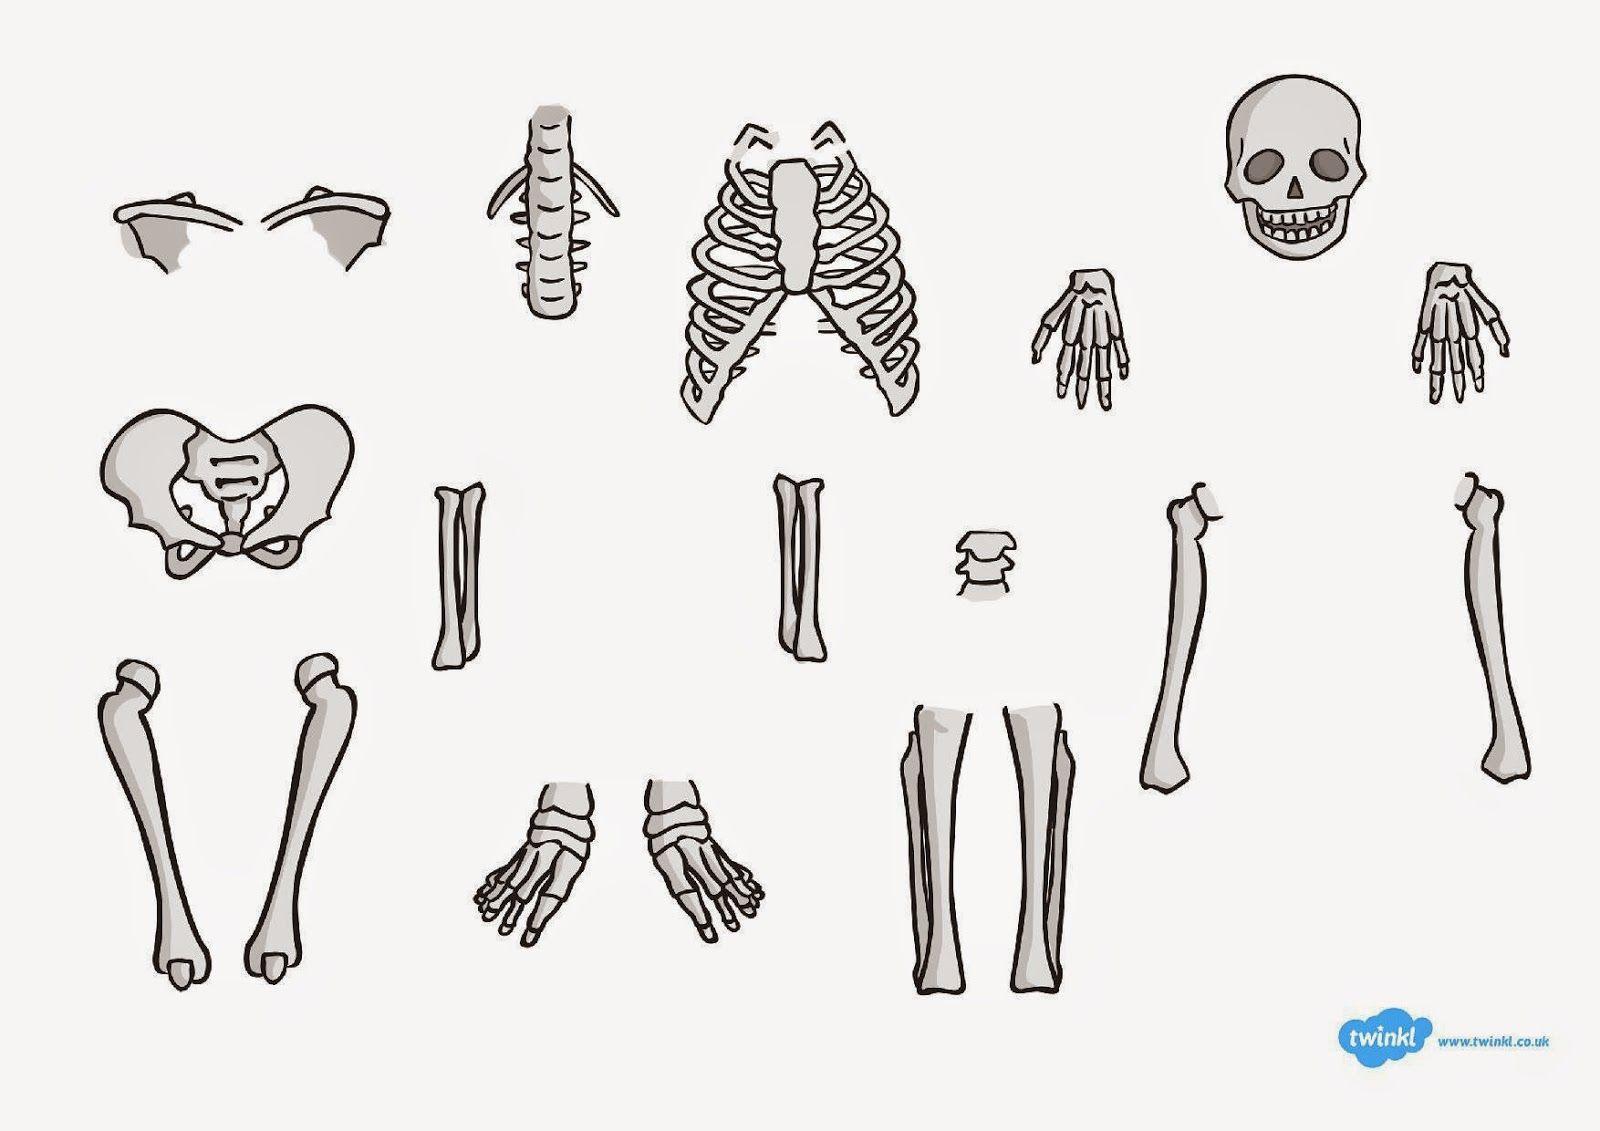 Marci fejlesztő és kreatív oldala: Emberi test lapbookhoz